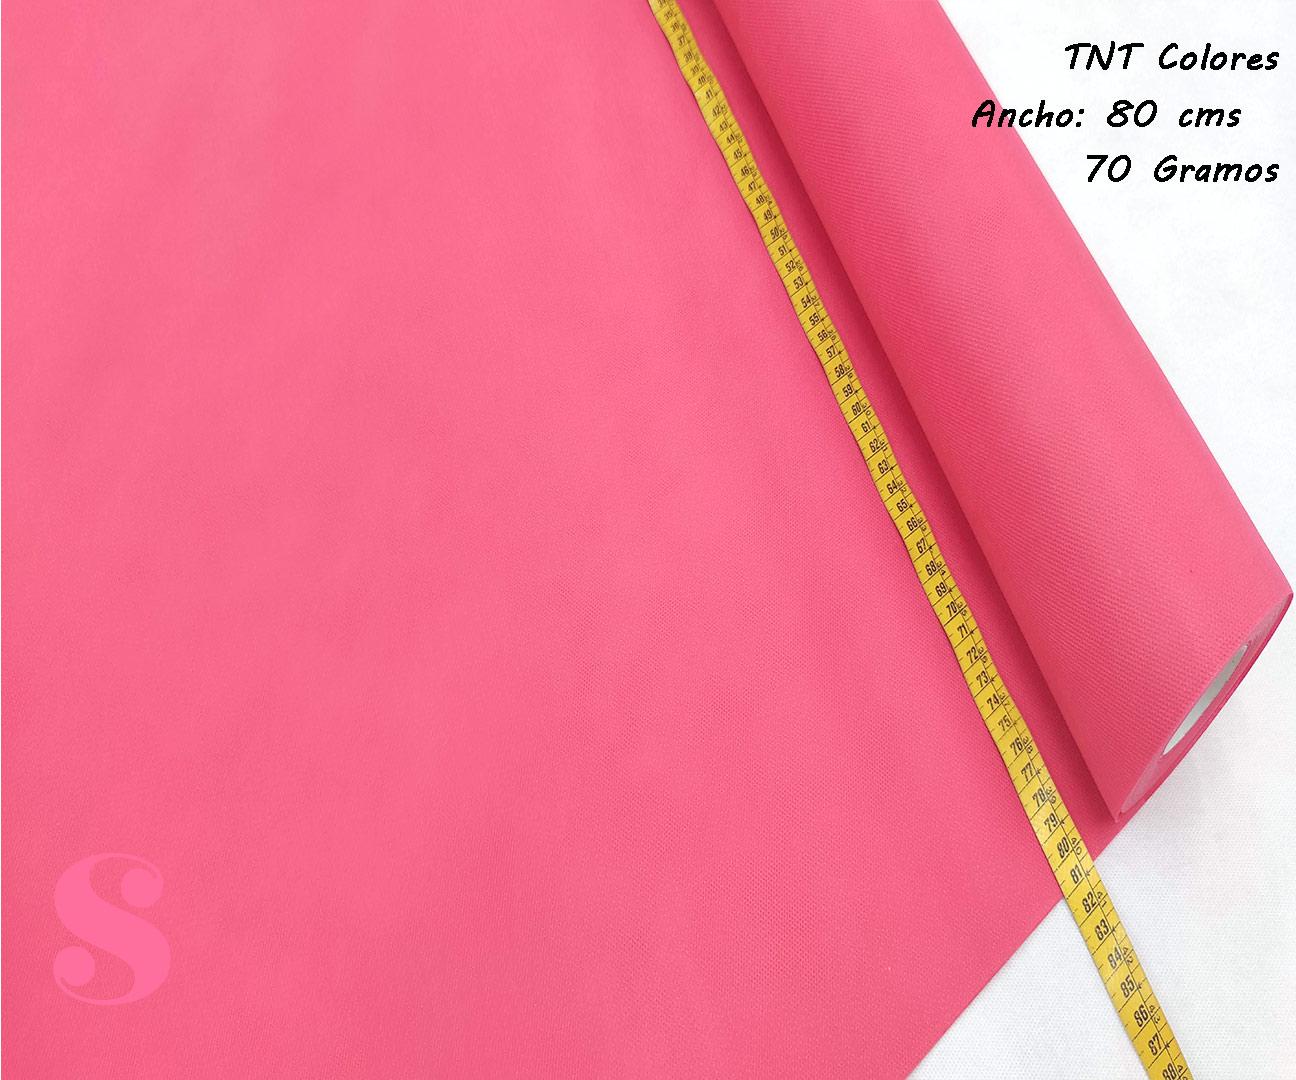 Rollo 25 METROS Tela TNT Rosa Fresa,tnt-fresa-tejido-no-tejido-proteccion-virus-seguro